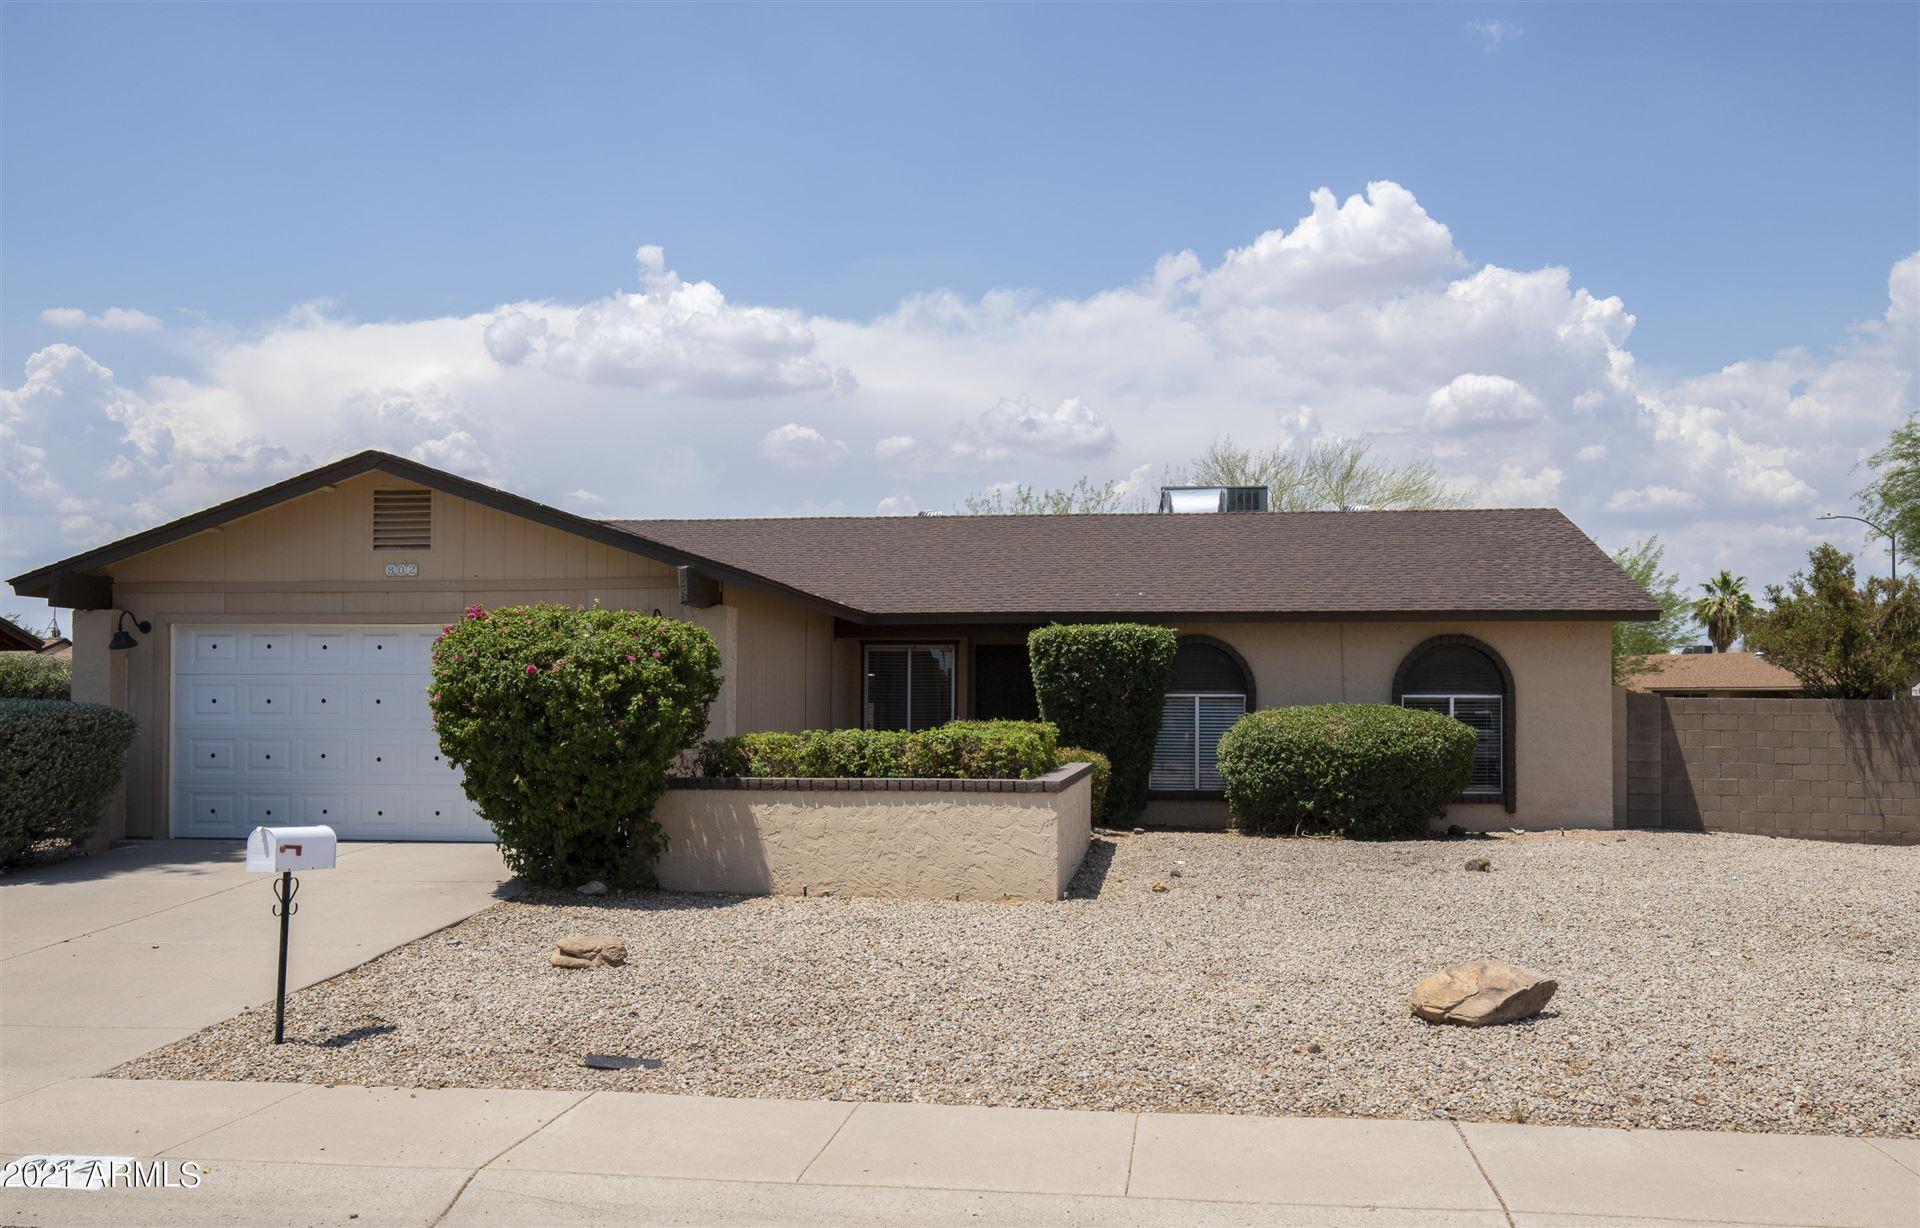 802 W KERRY Lane, Phoenix, AZ 85027 - MLS#: 6257136